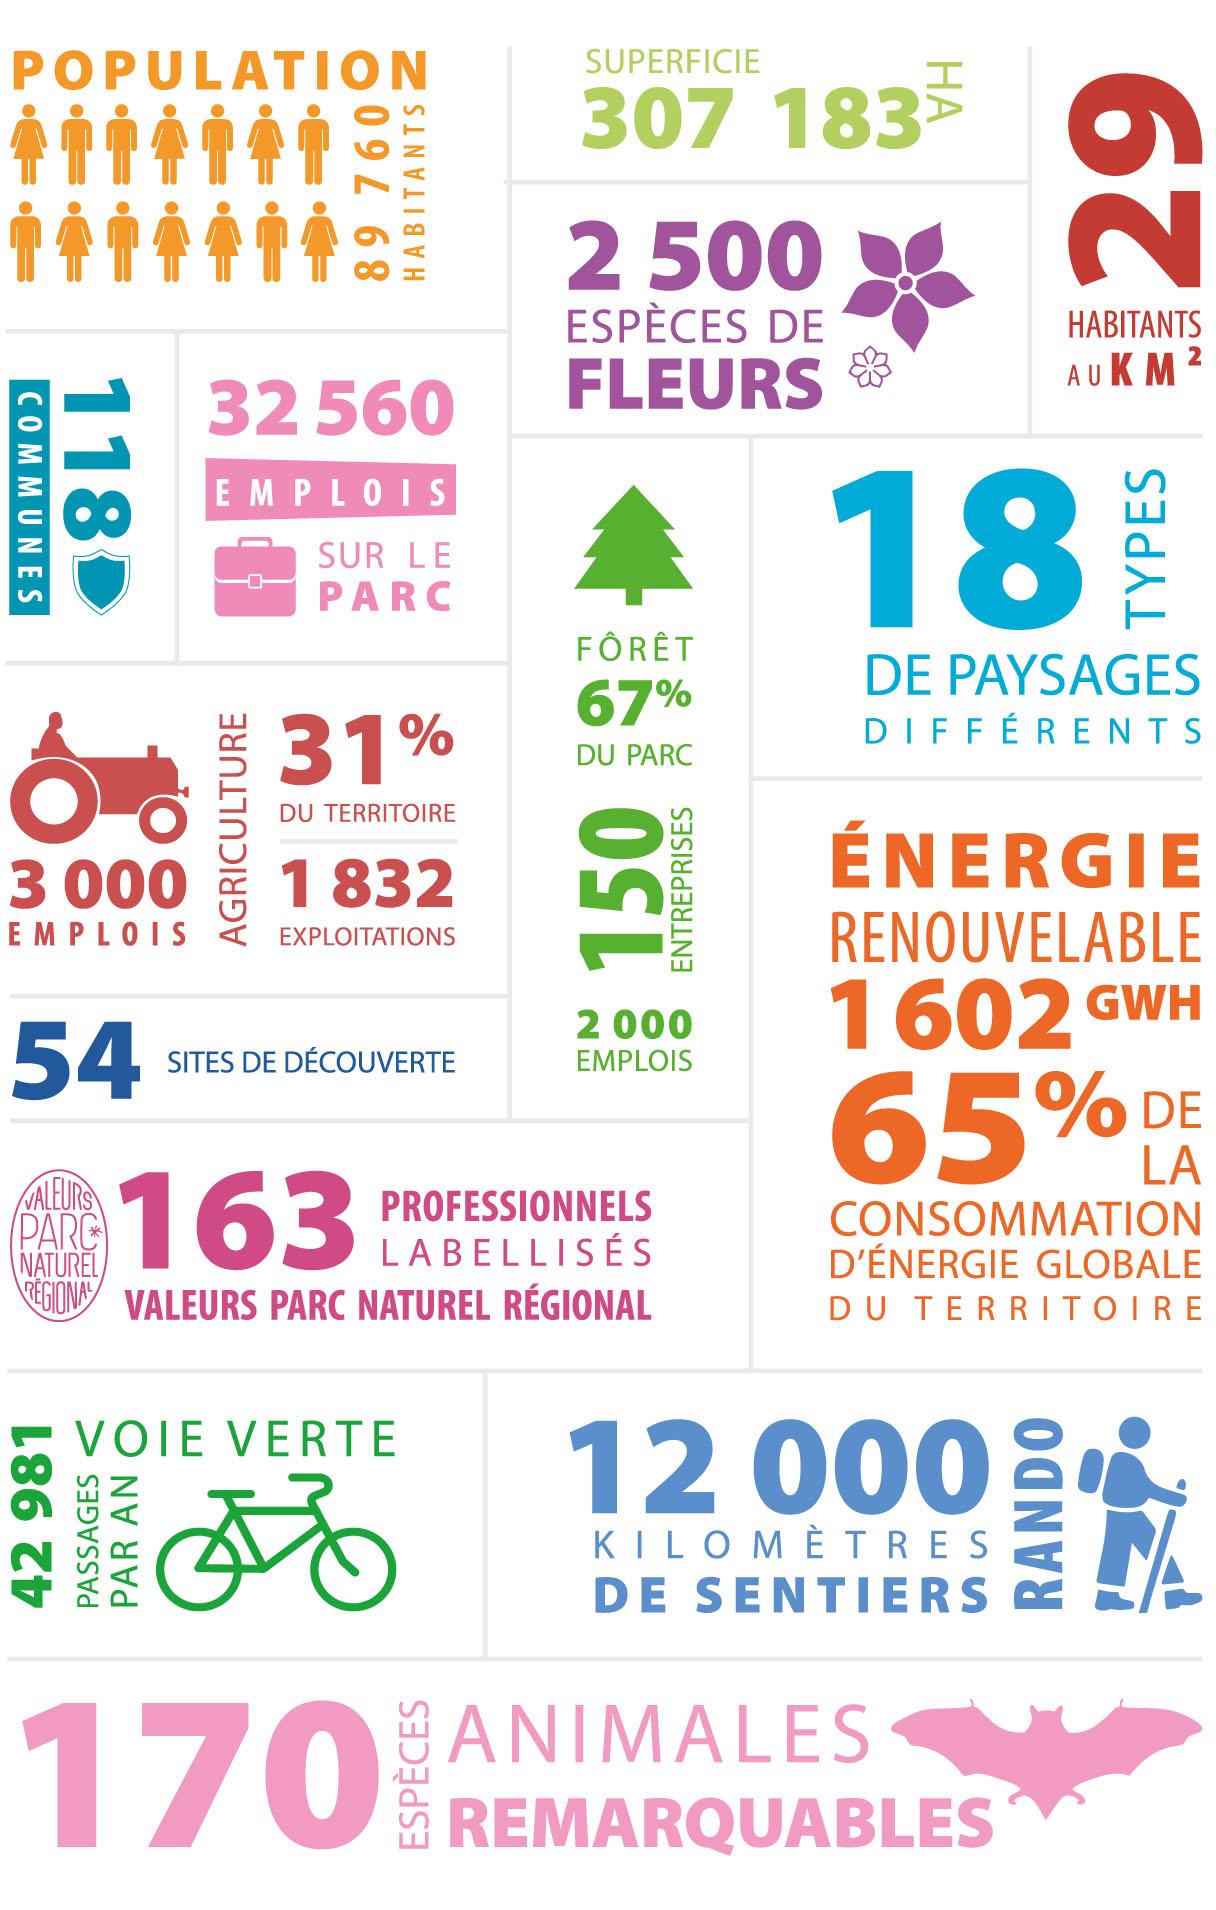 Quelques chiffres représentatifs du Parc naturel régional du Haut-Languedoc